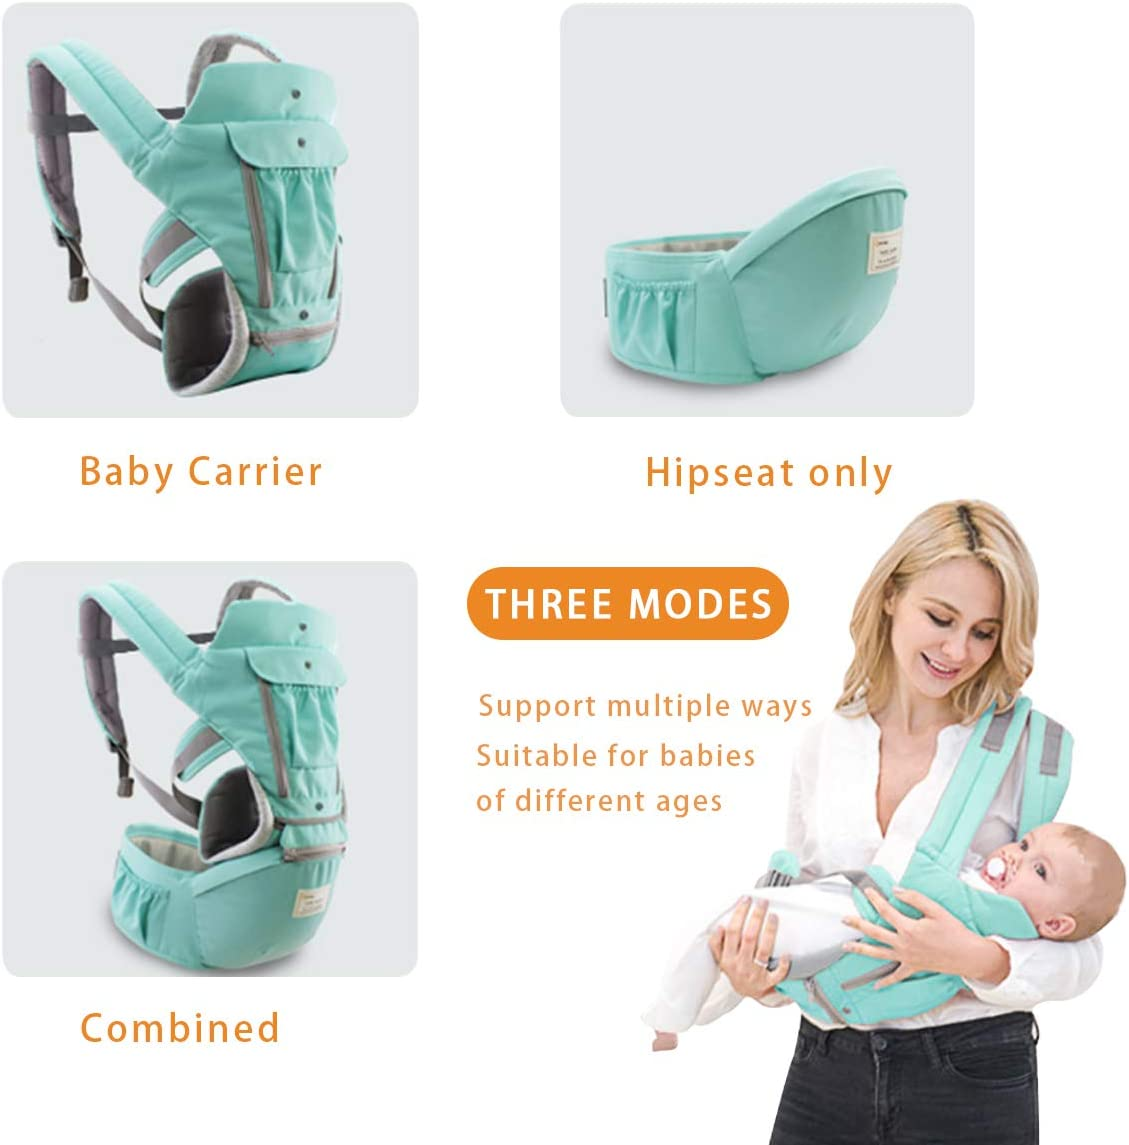 Portador de beb/é,Anverso y Reverso,100/% Algod/ón,Ergon/ómica Azul Tama/ño Libre,100/% GARANTIZADO y ENTREGA GRATUITA SONARIN 3 en 1 Multifuncional Hipseat Baby Carrier Ideal Regalo